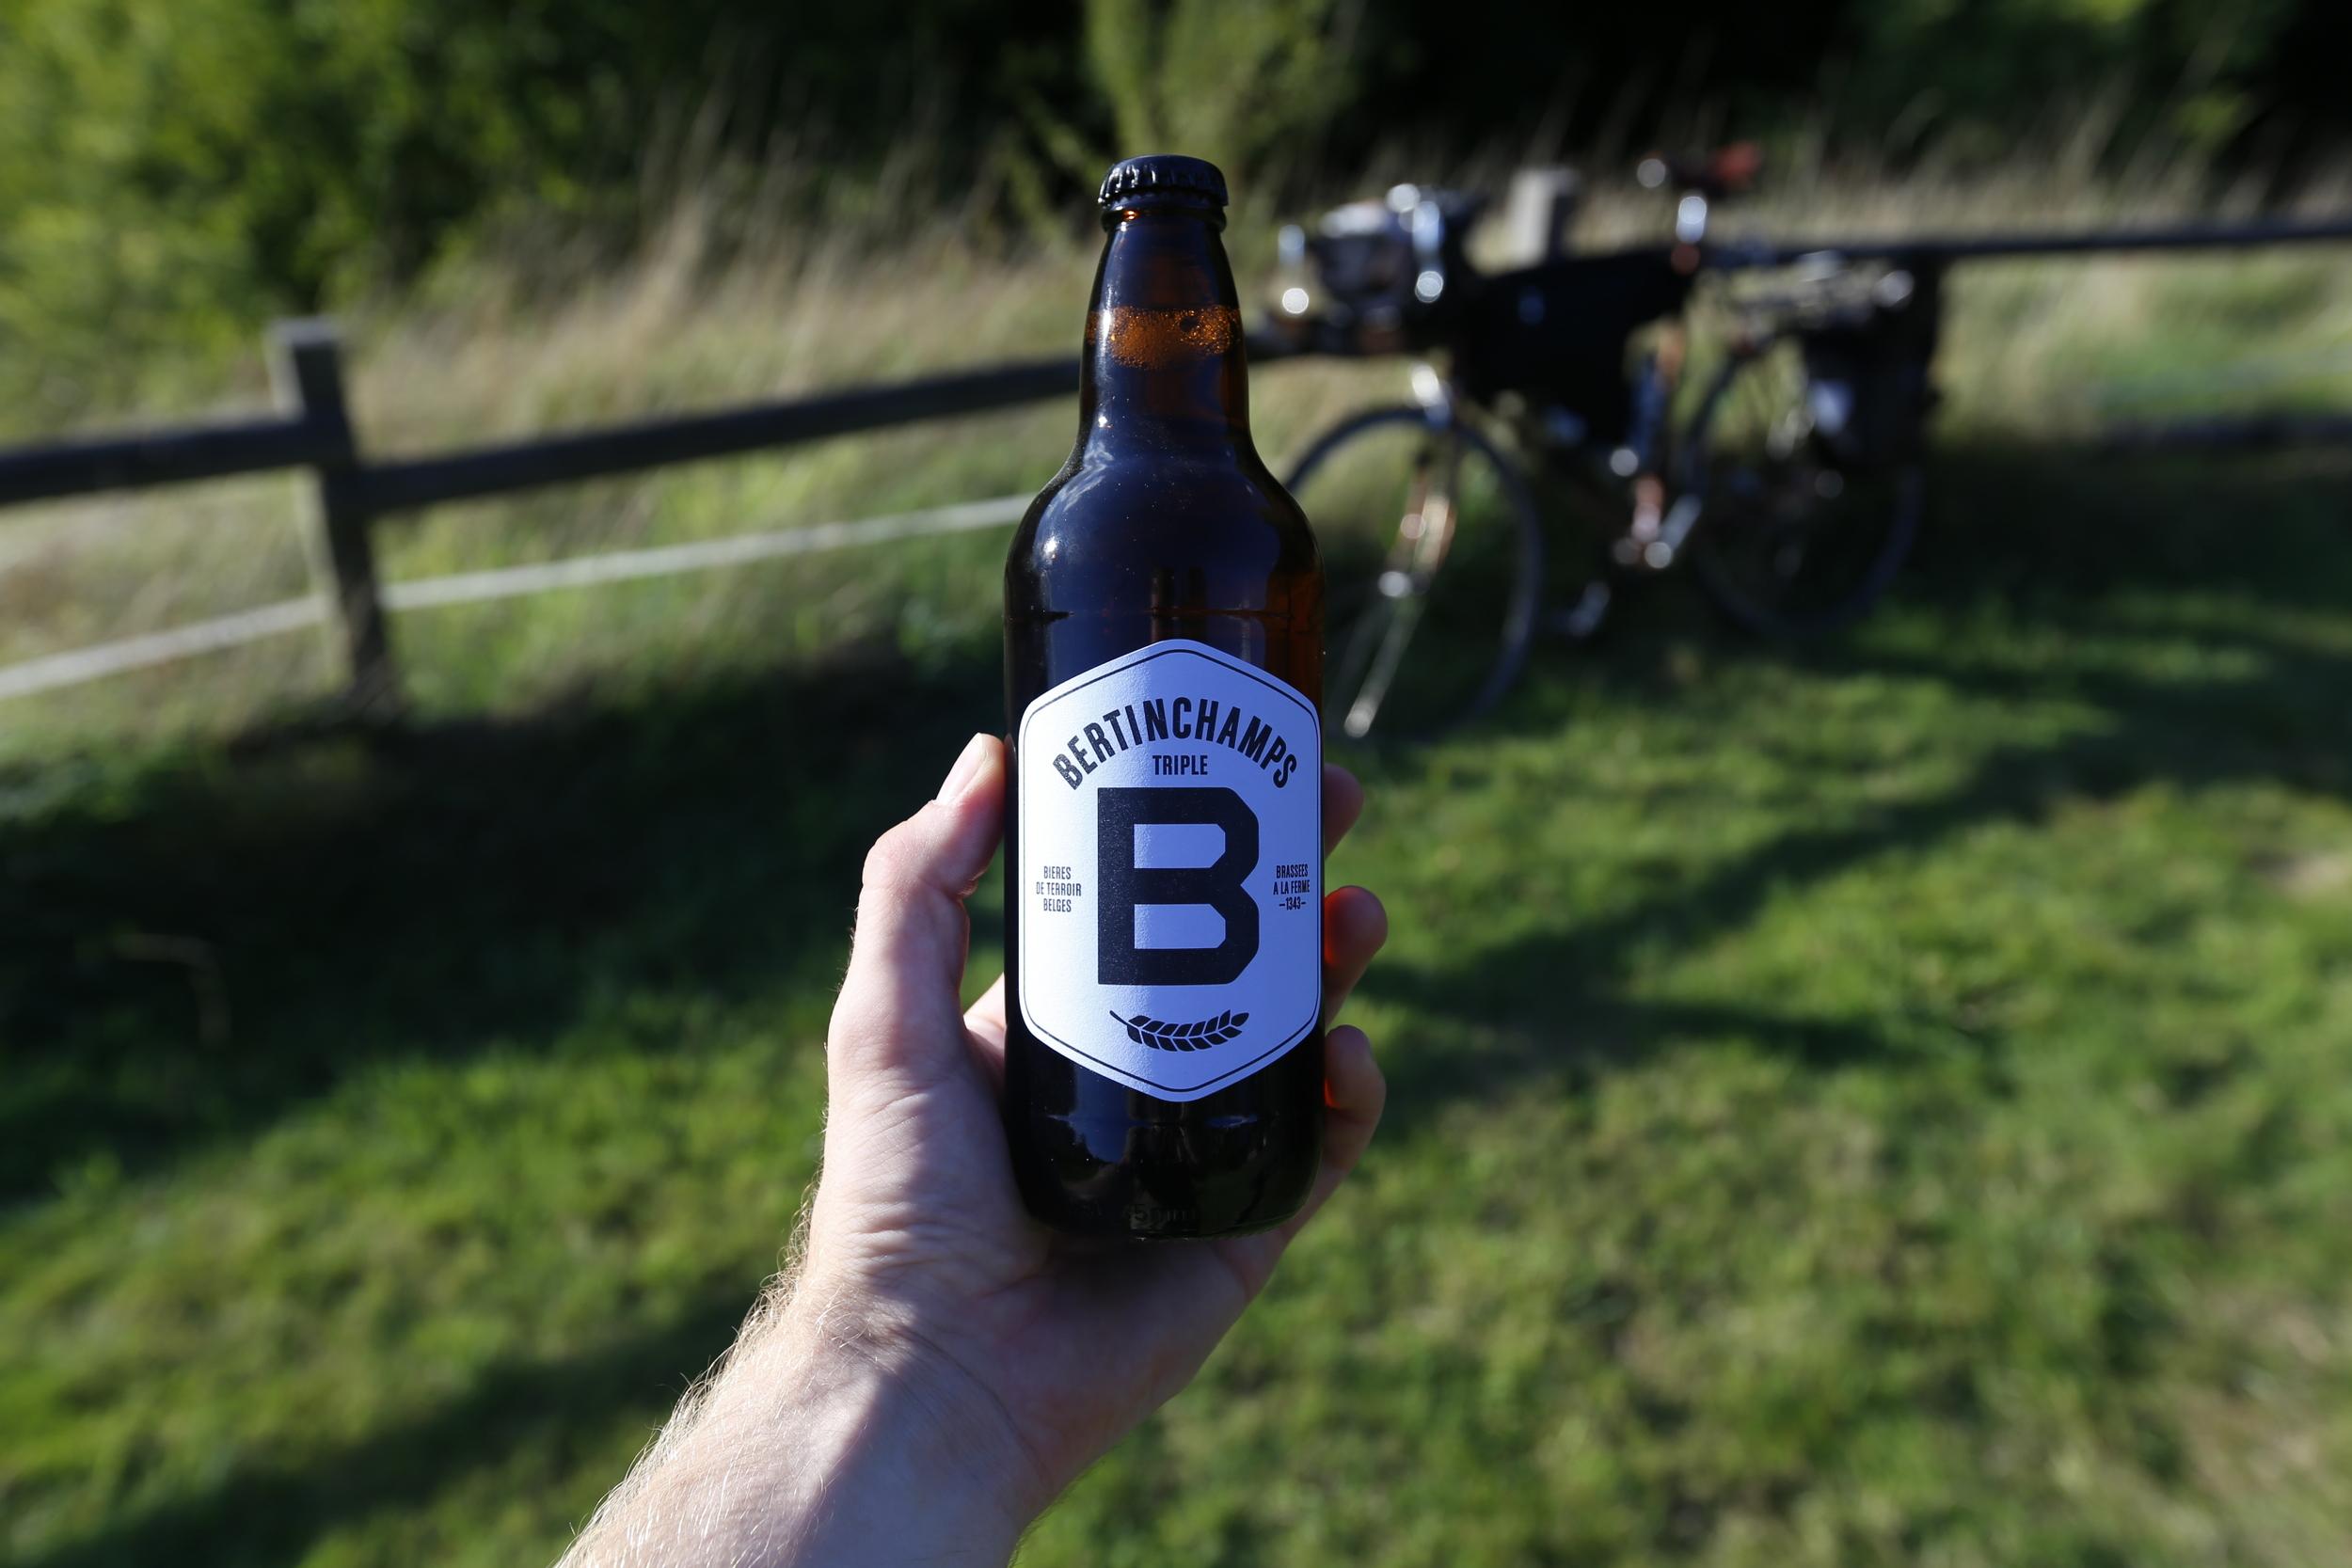 beer, belgium beeer, alcohol, beer blog, beer photography, ipa, local, brewery, bikepacking beer, food, foodie, food blog, travel, travel blog, explore,